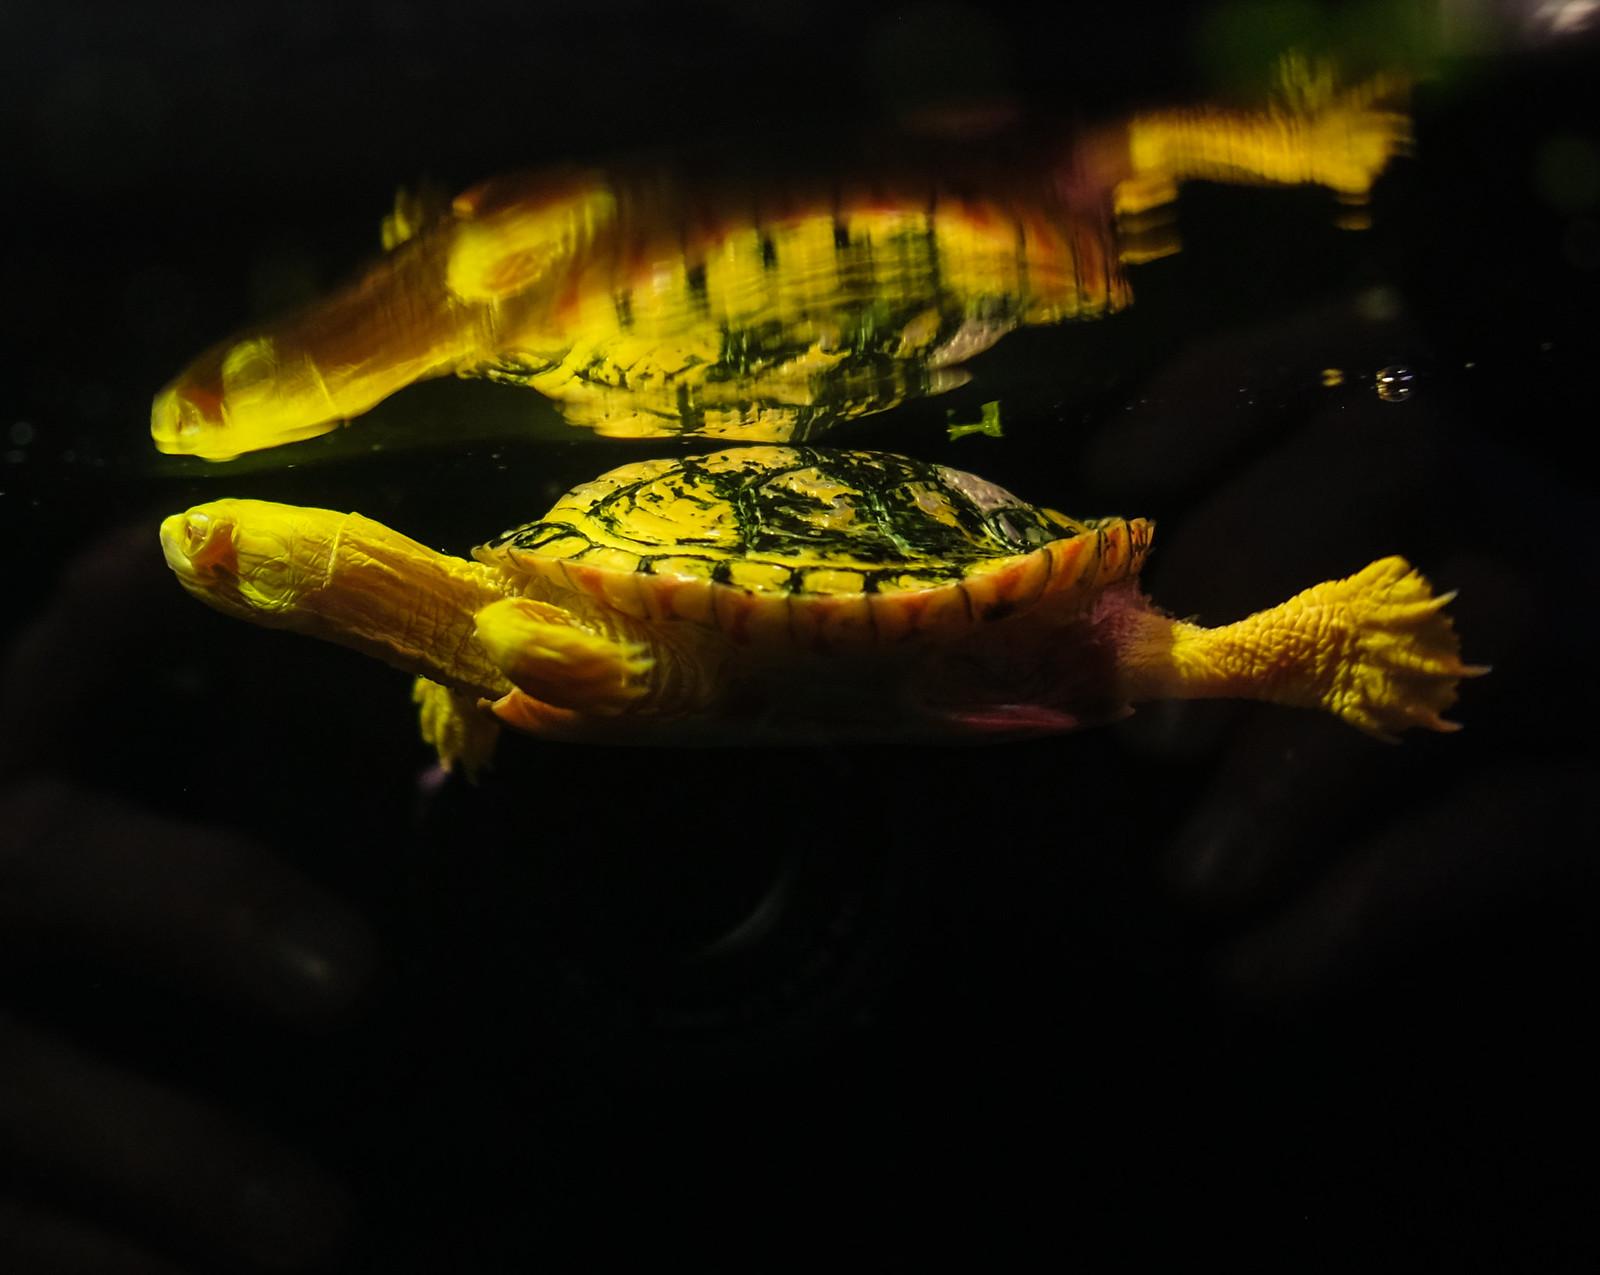 Western Painted Turtle, Great Lakes Aquarium, Duluth 4/6/18 #GLAquariumMN